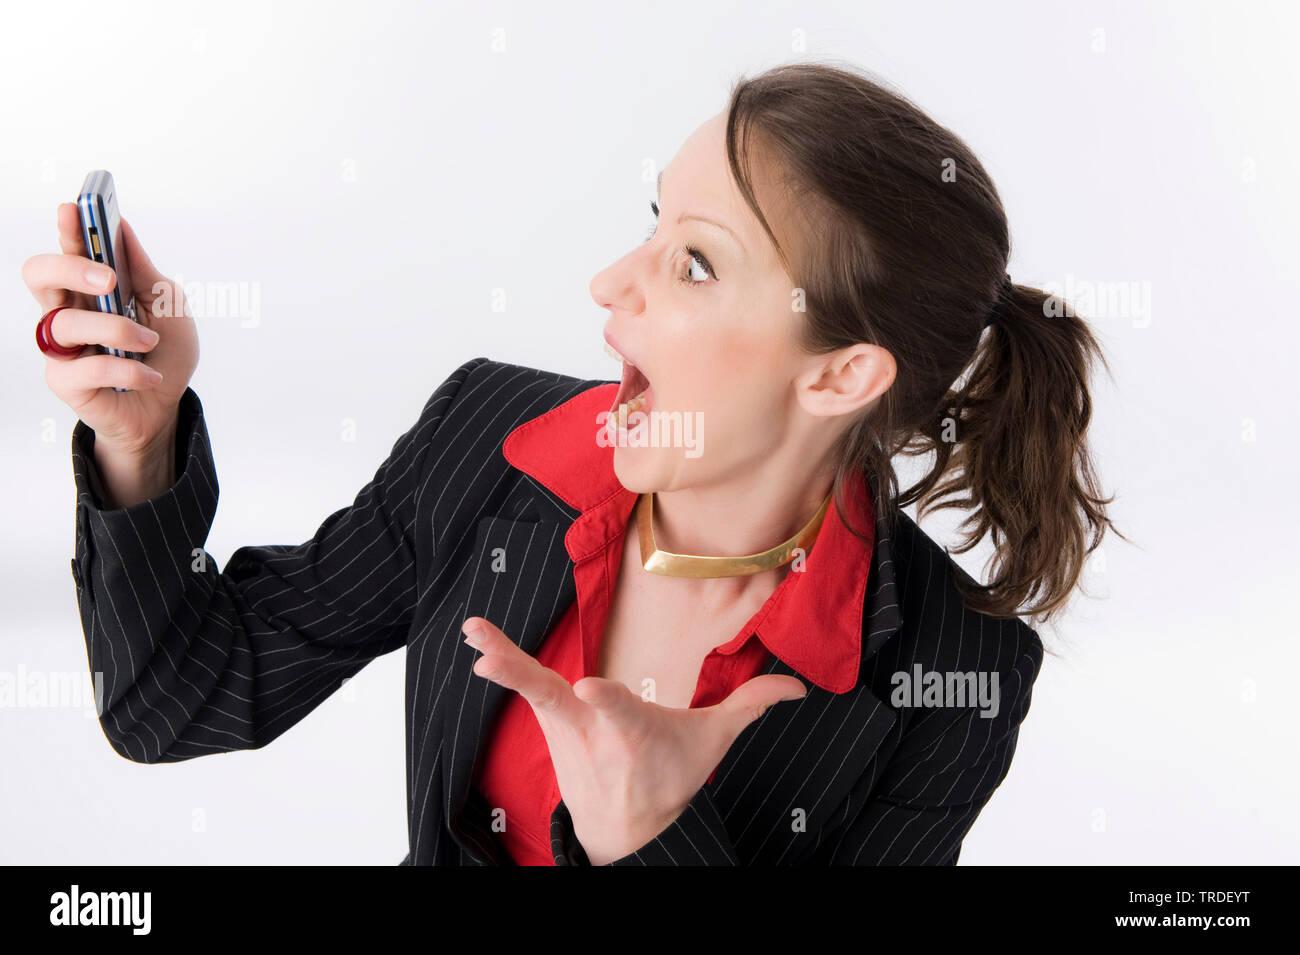 Portraet einer jungen, sympathischen Geschaeftsfrau, mit aufgerissenem Mund auf ihr Handy starrend | Porträt eines Jungen sympathische Geschäftsfrau mit Stockbild